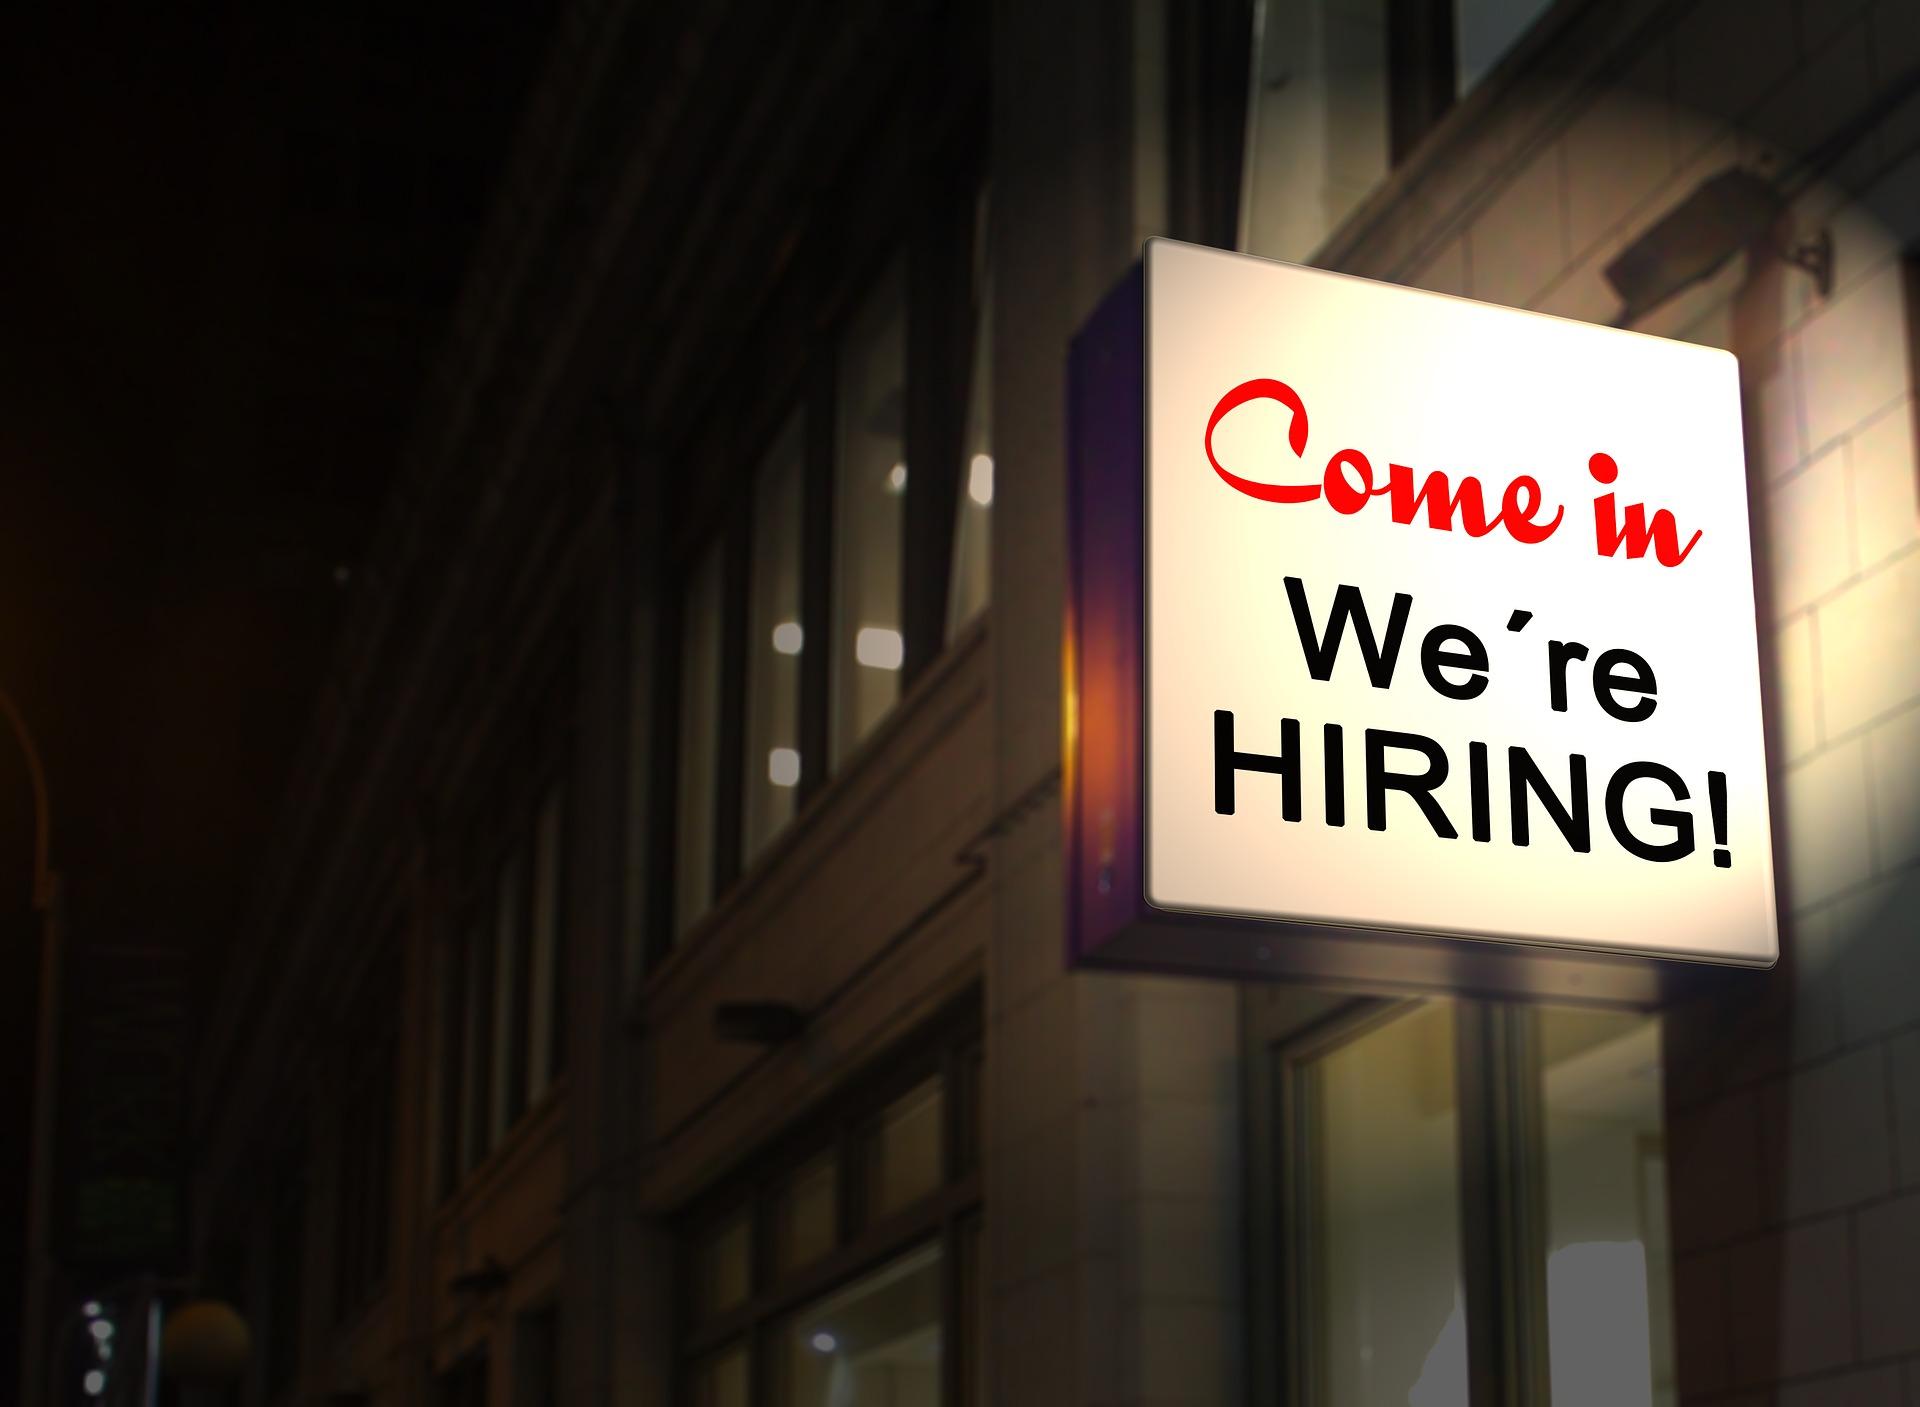 平成の就職人気企業ランキングから見た令和に求められる企業像